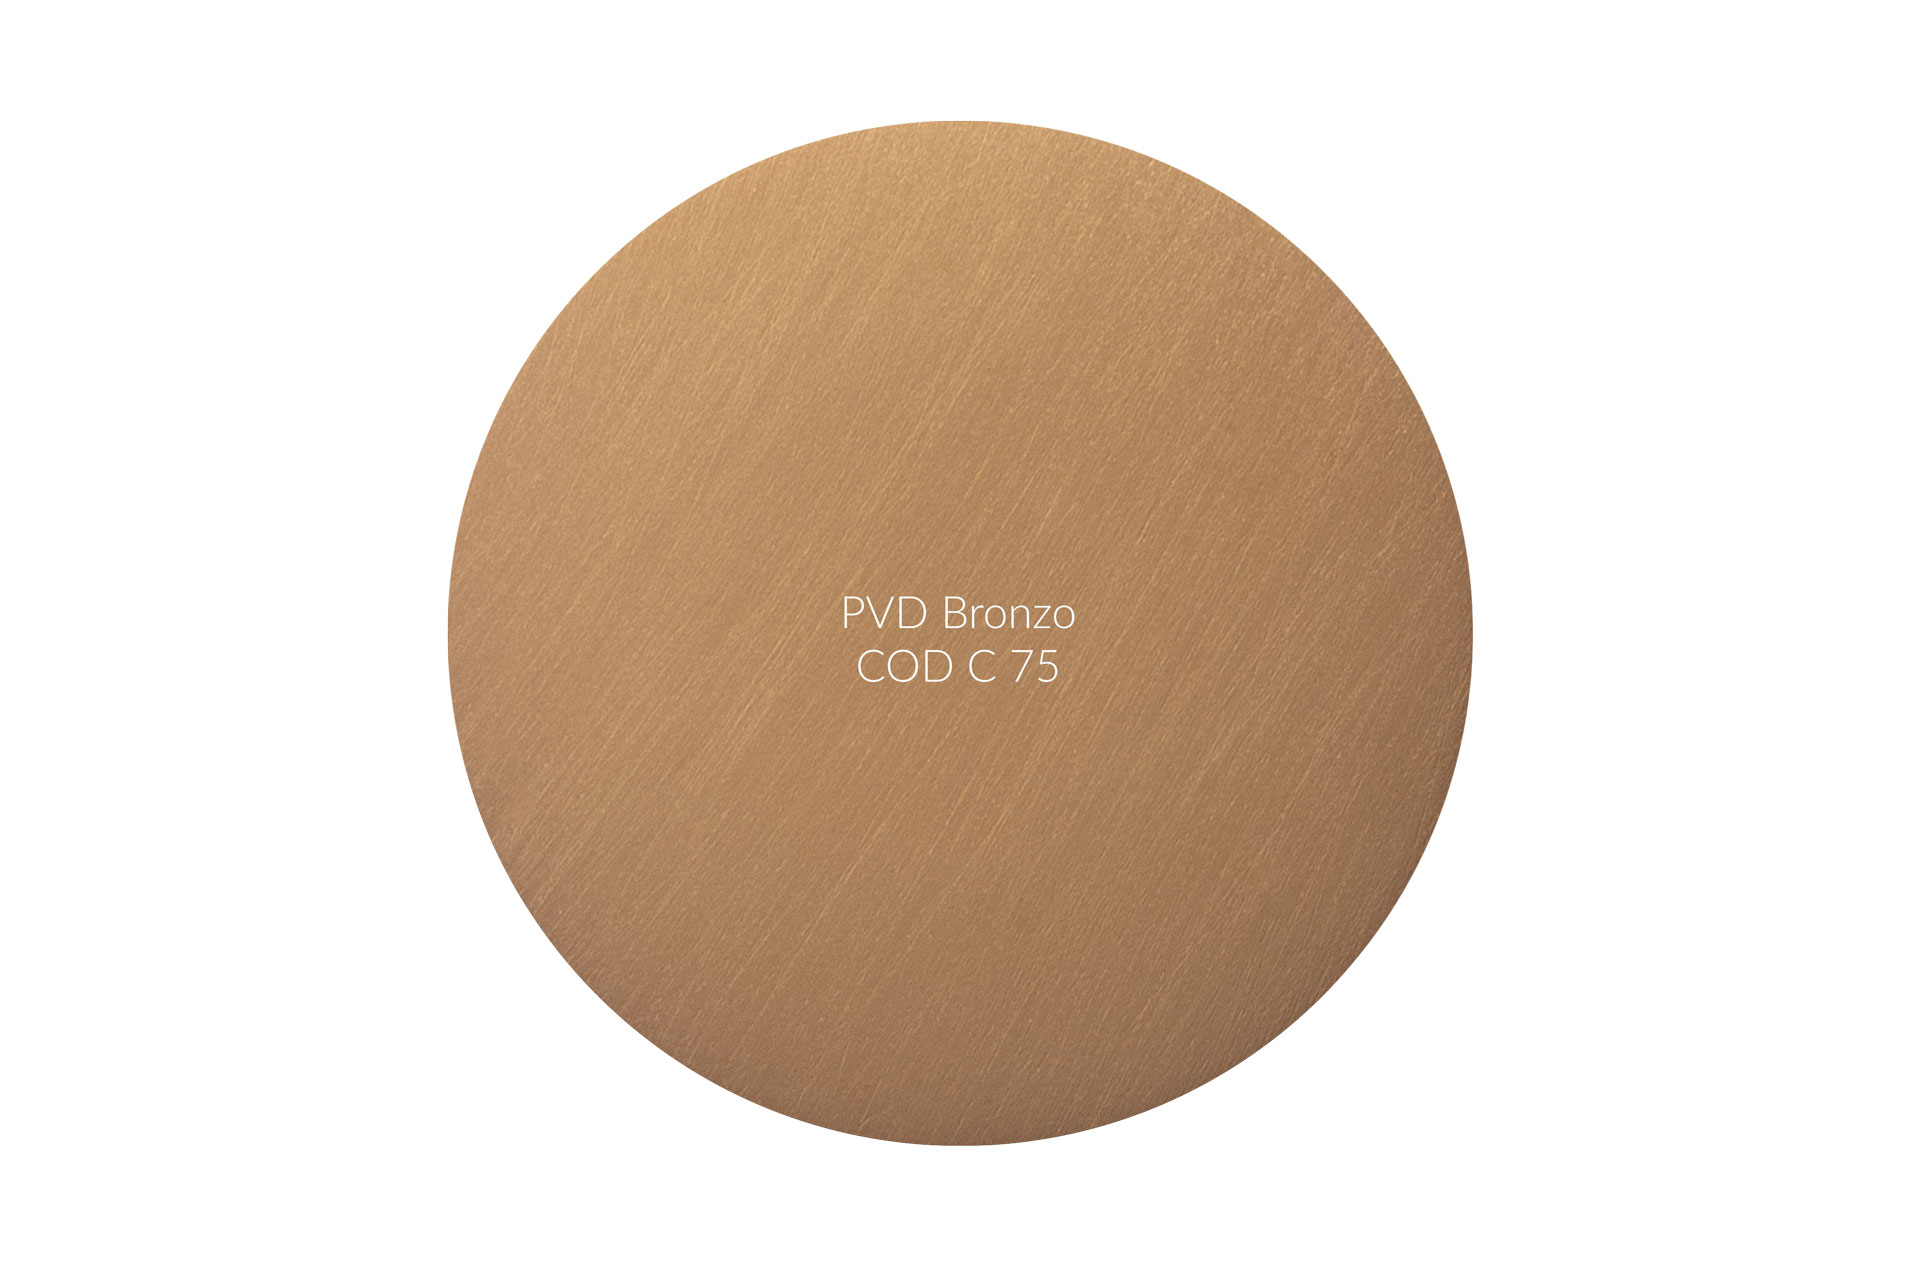 Dischetto PVD bronzo cod C 75 graffiato